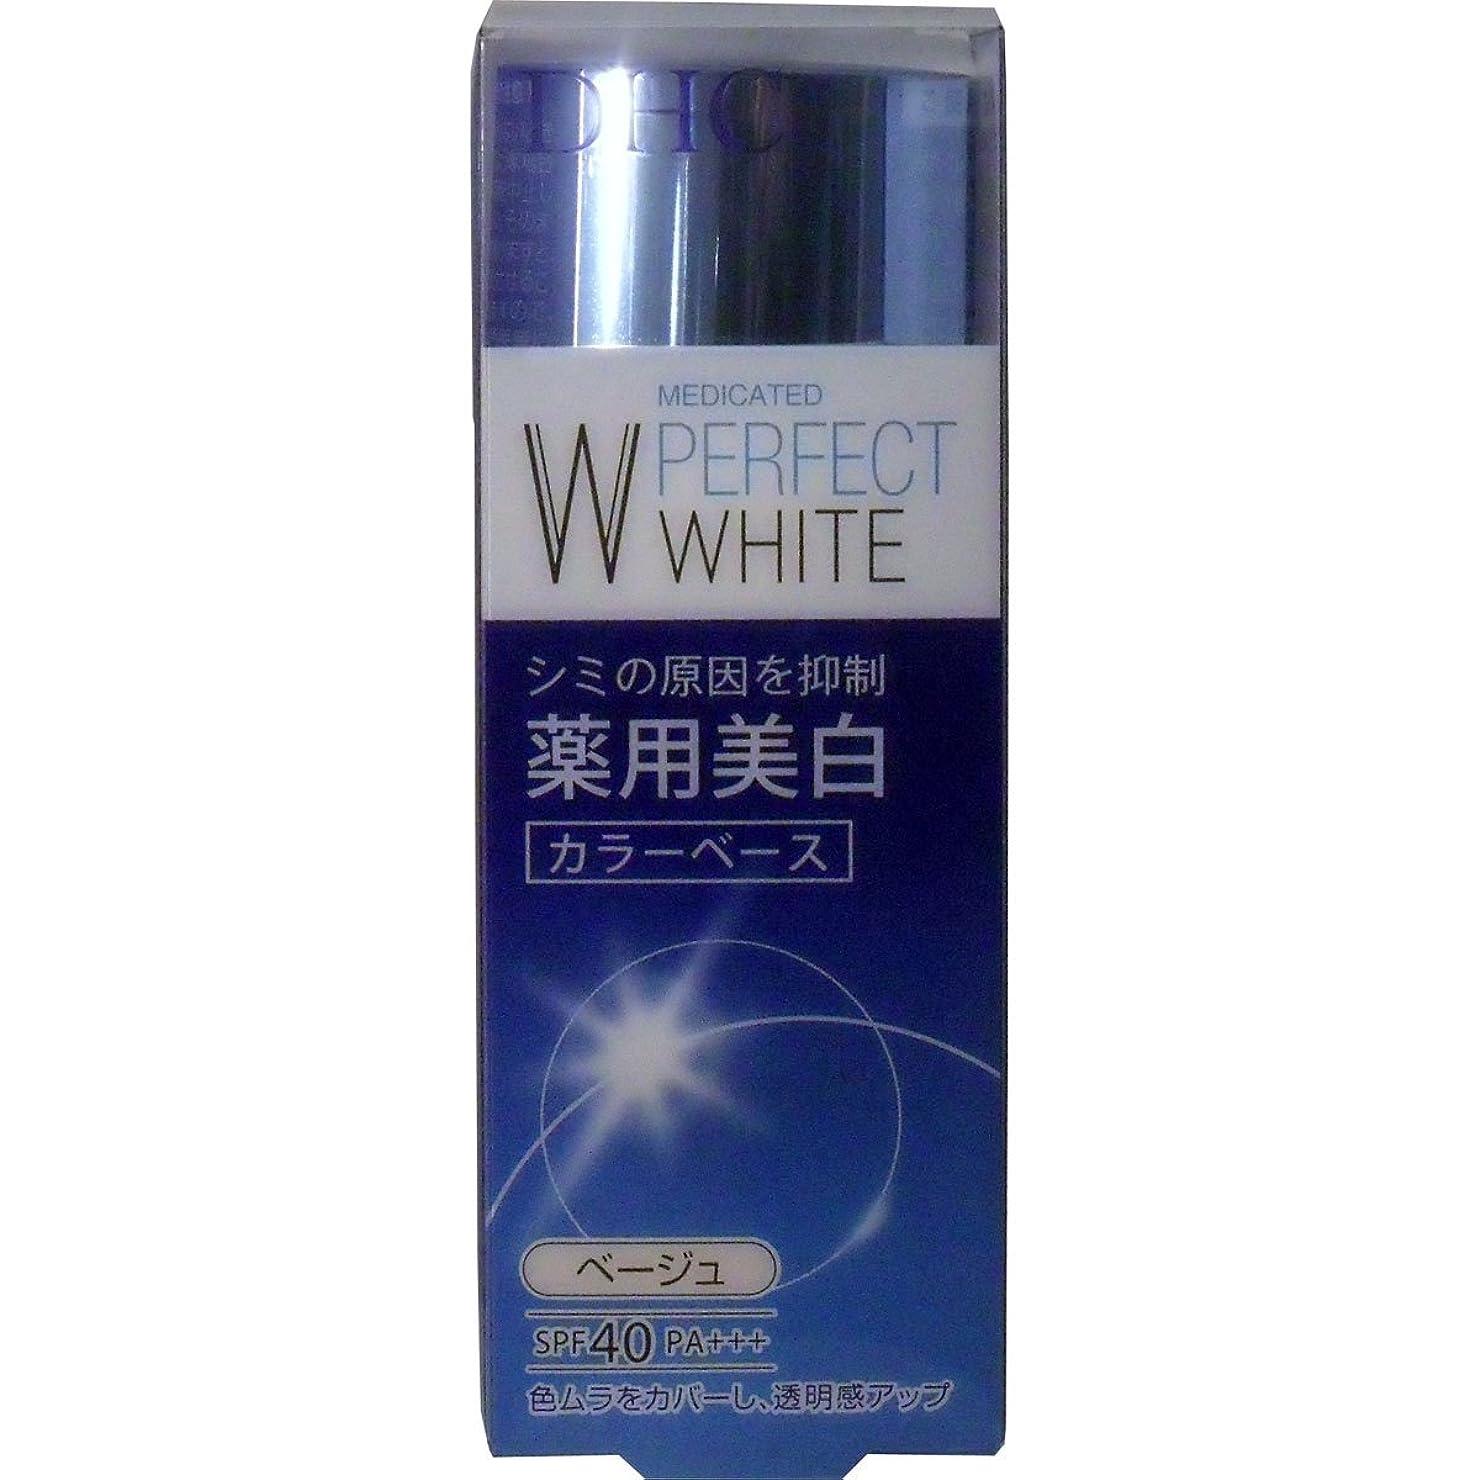 ケント驚導入するDHC 薬用美白パーフェクトホワイト カラーベース ベージュ 30g (商品内訳:単品1個)